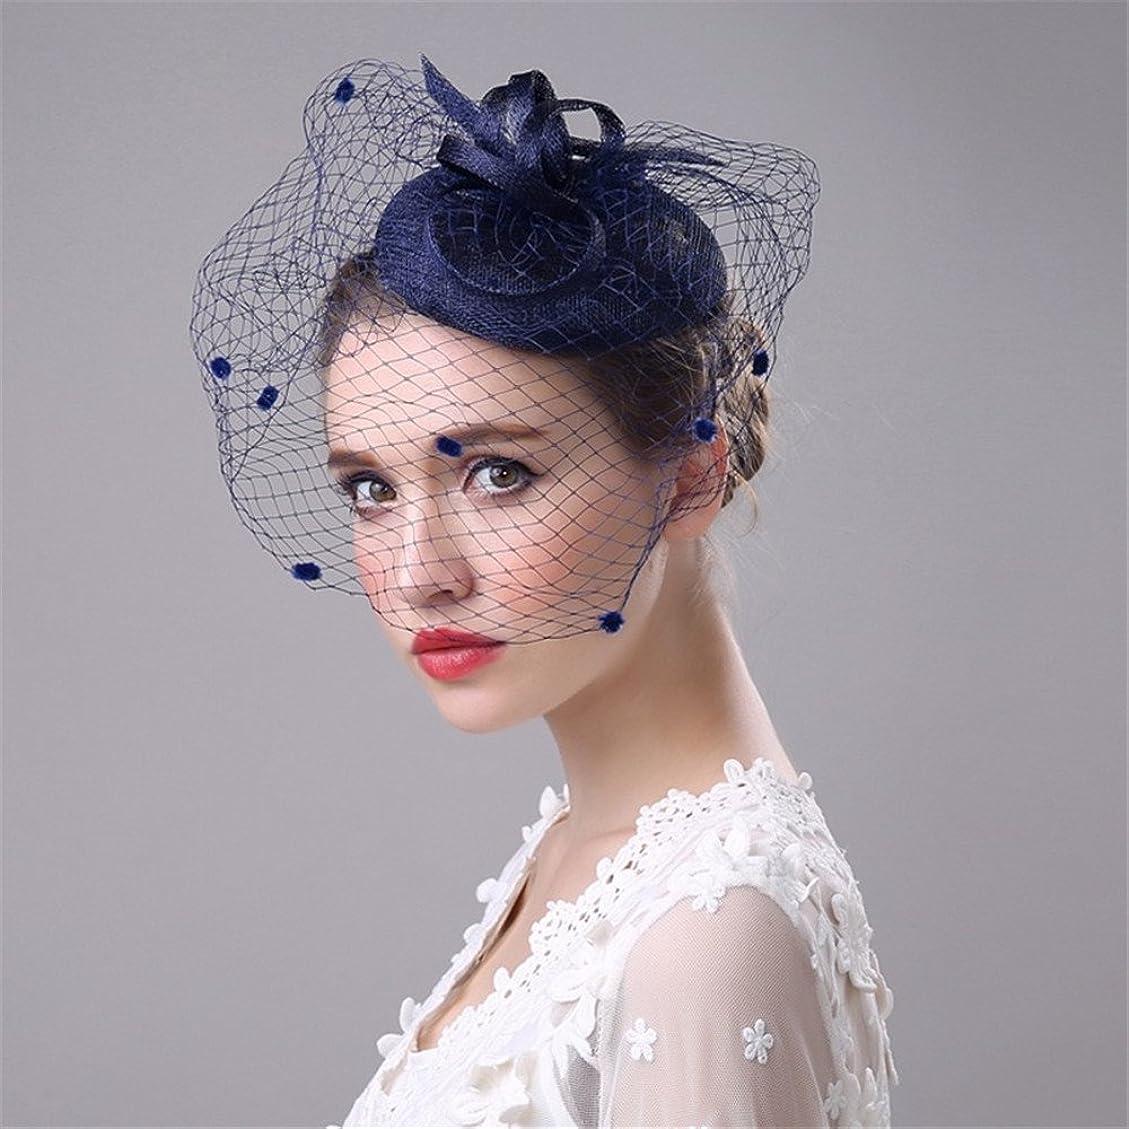 ペインポータル破壊する女性の魅力的な帽子 女性のエレガントな魅惑的な帽子ブライダルフェザーヘッドドレスフラワーヘアクリップアクセサリーカクテルロイヤルアスコット (色 : ブラック)